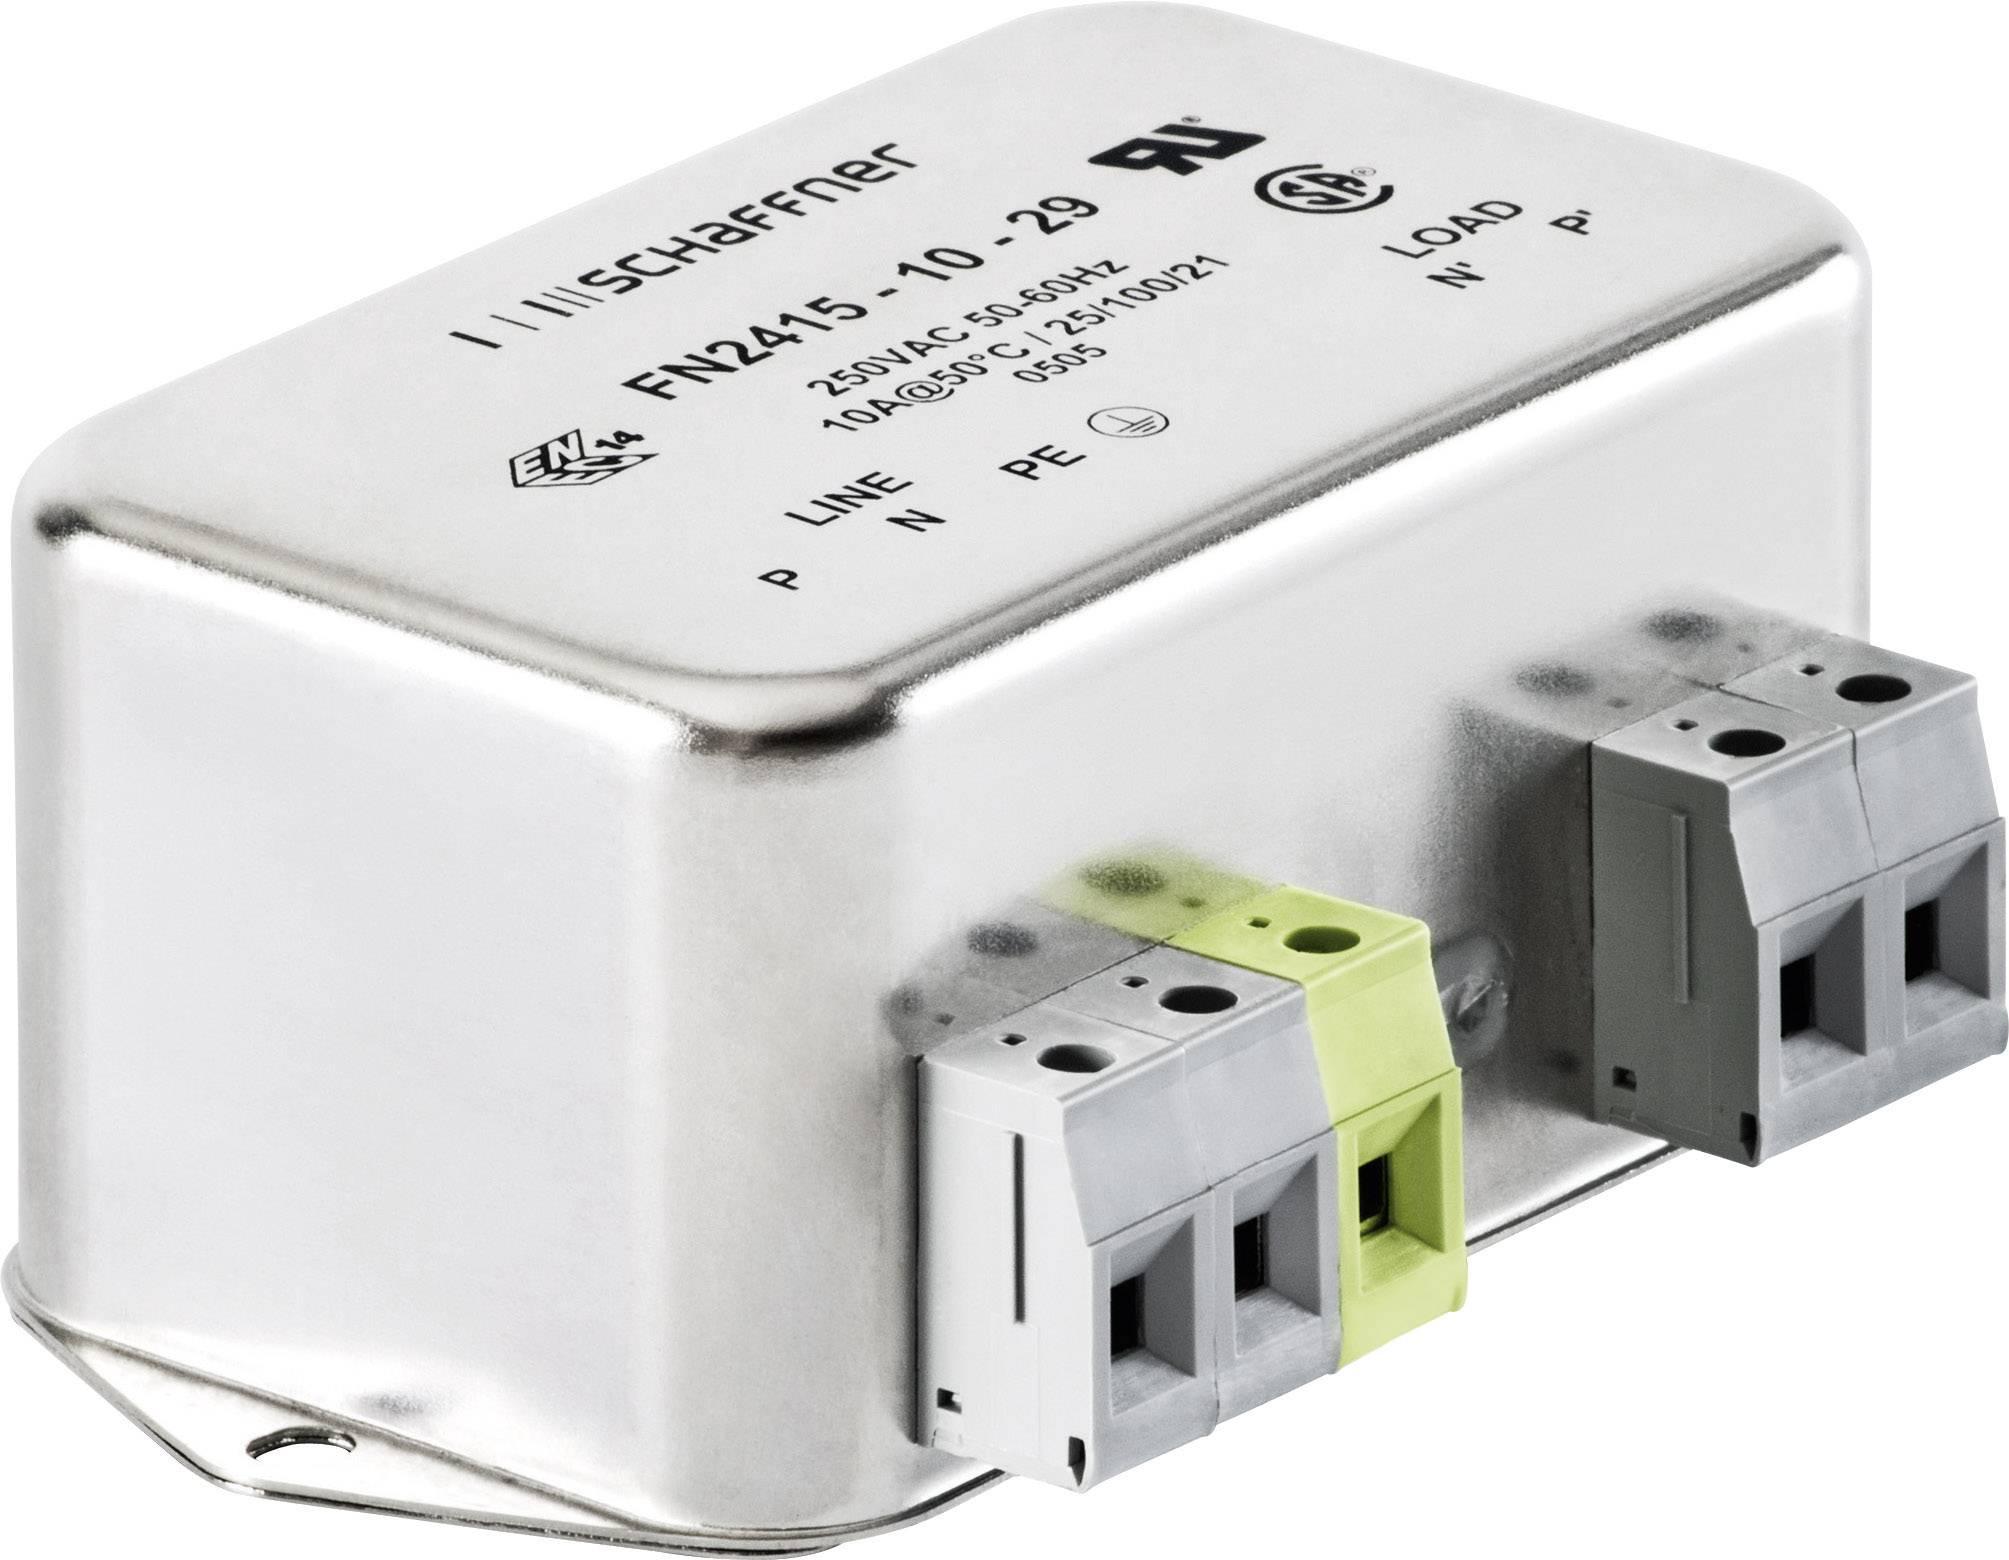 Odrušovací filter Schaffner FN2415-10-29 FN2415-10-29, 250 V/AC, 10 A, (d x š x v) 94 x 58 x 45.4 mm, 1 ks